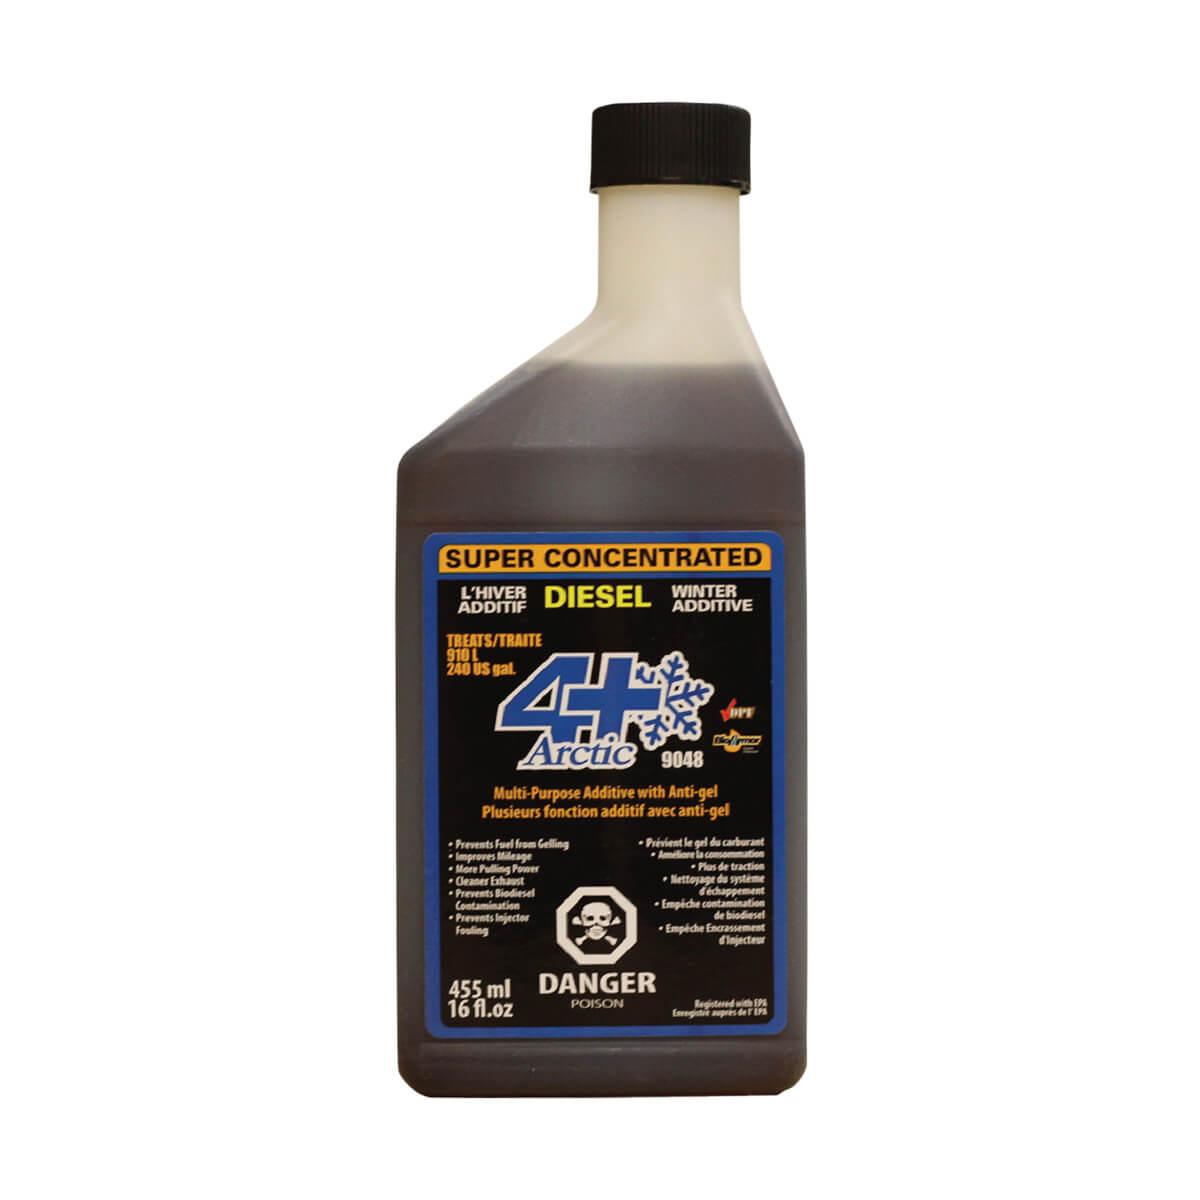 DSG Four Plus Artic Conditioner - 455 ml